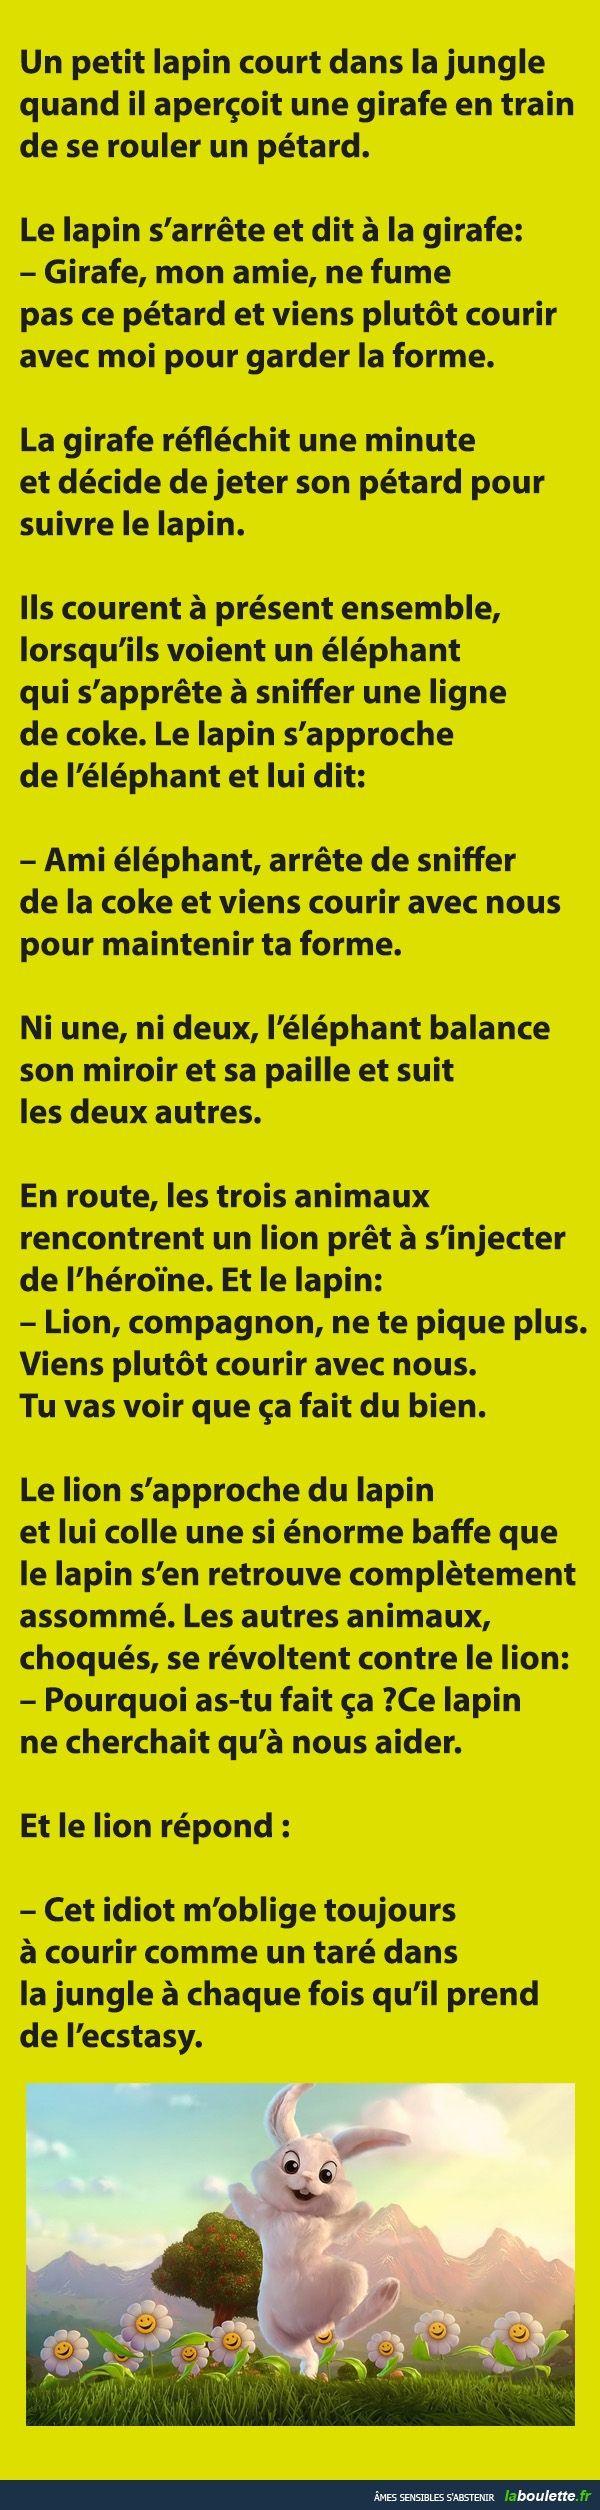 Un petit lapin court dans la jungle quand il aperçoit une girafe... | LABOULETTE.fr - Les meilleures images du net!